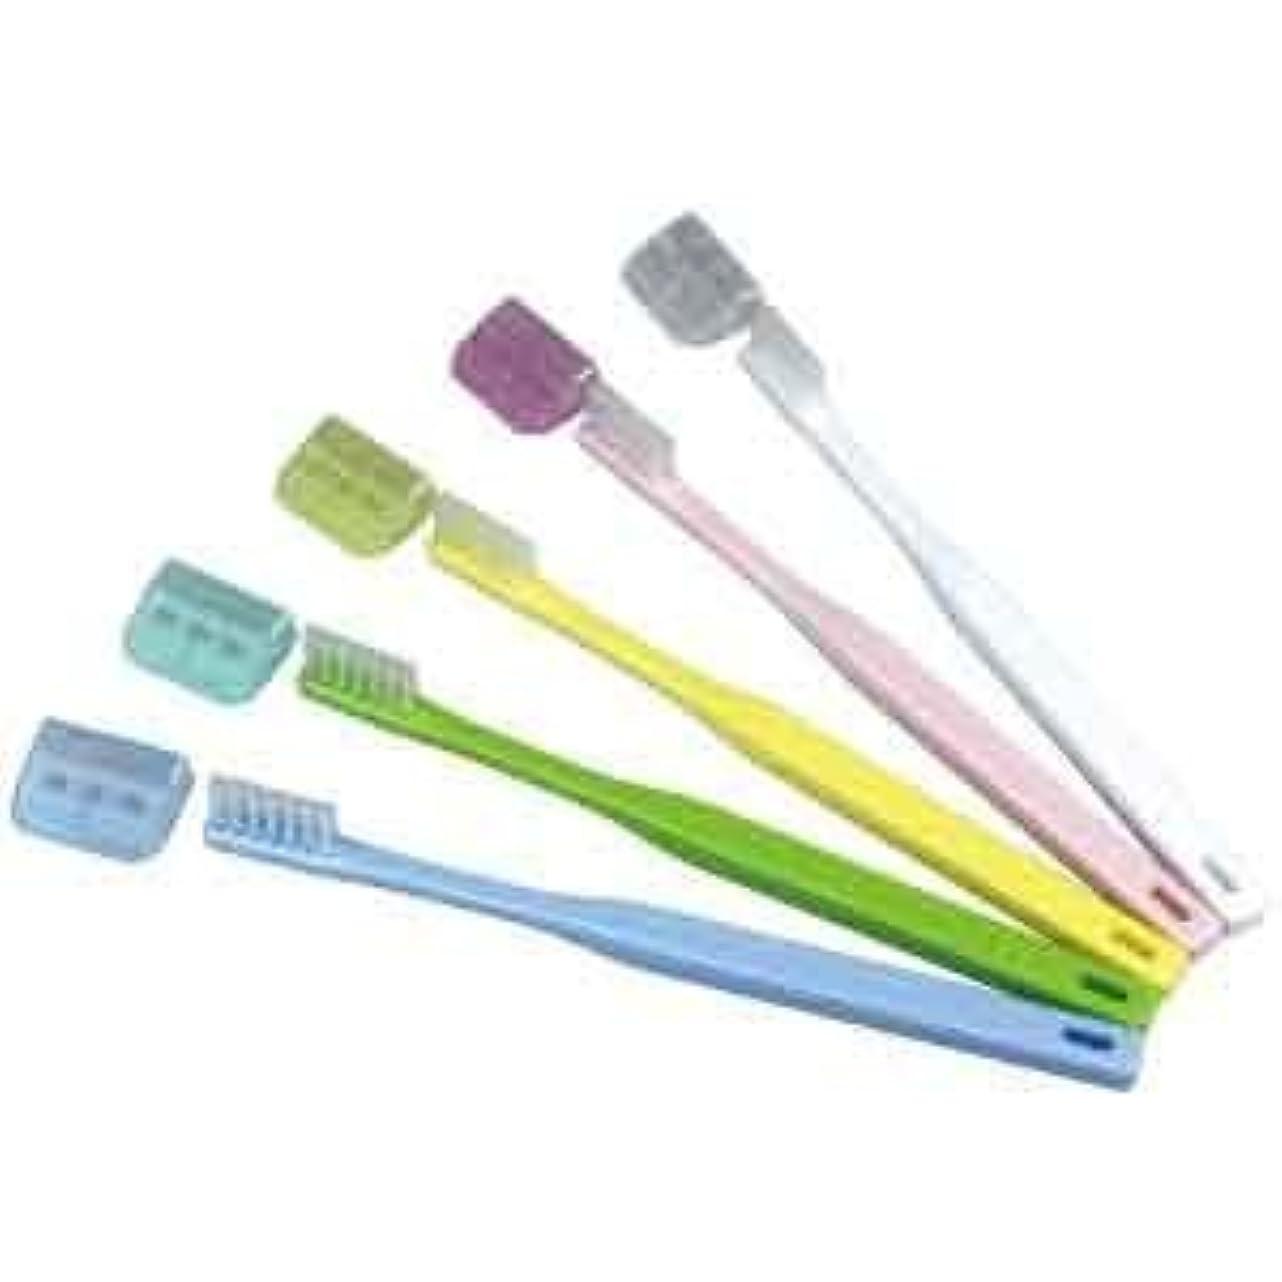 パス規則性またはどちらかV-7 歯ブラシ ふつう レギュラーヘッド/10本入り